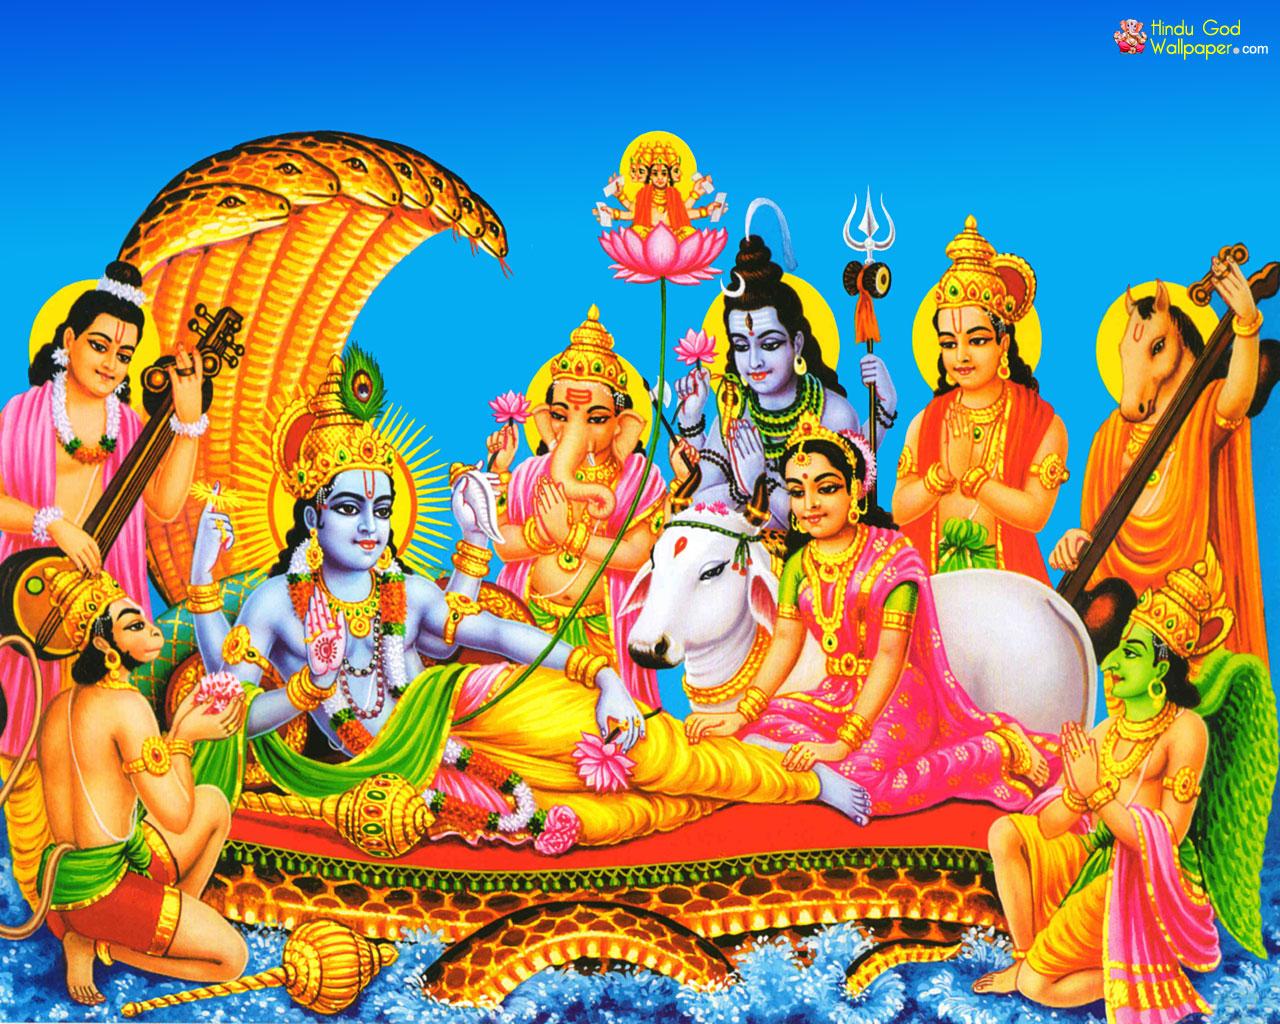 Mahesh Name 3d Wallpaper Download Brahma Wallpaper 1280x1024 70980